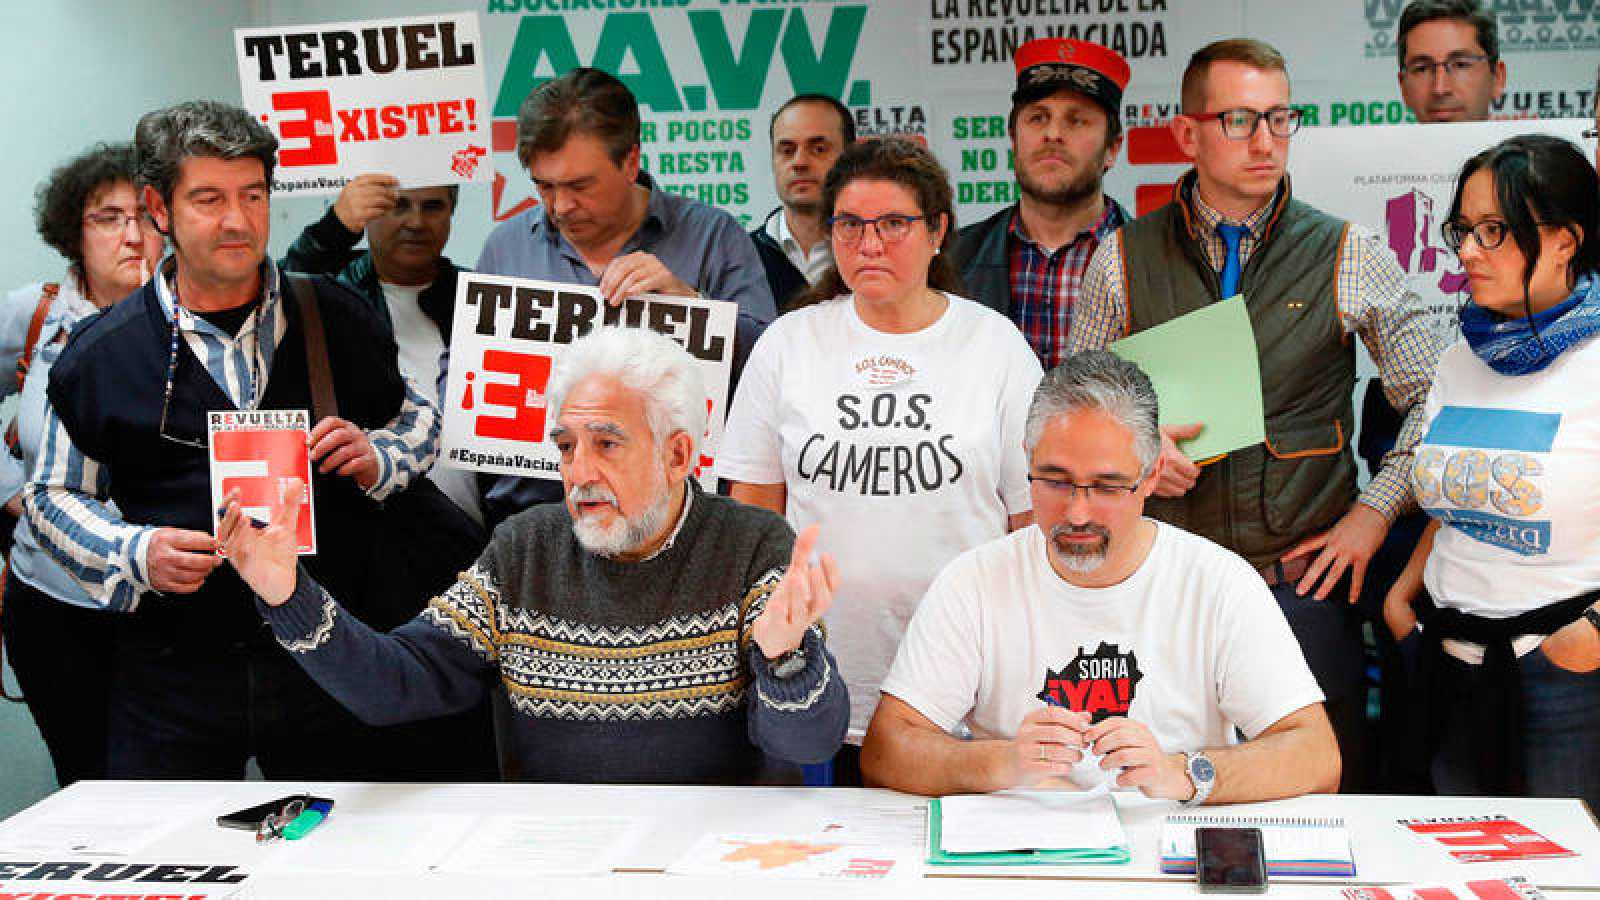 Rueda de prensa ofrecida este sábado por la Federación Regional de Asociaciones Vecinales de Madrid (FRAVM)